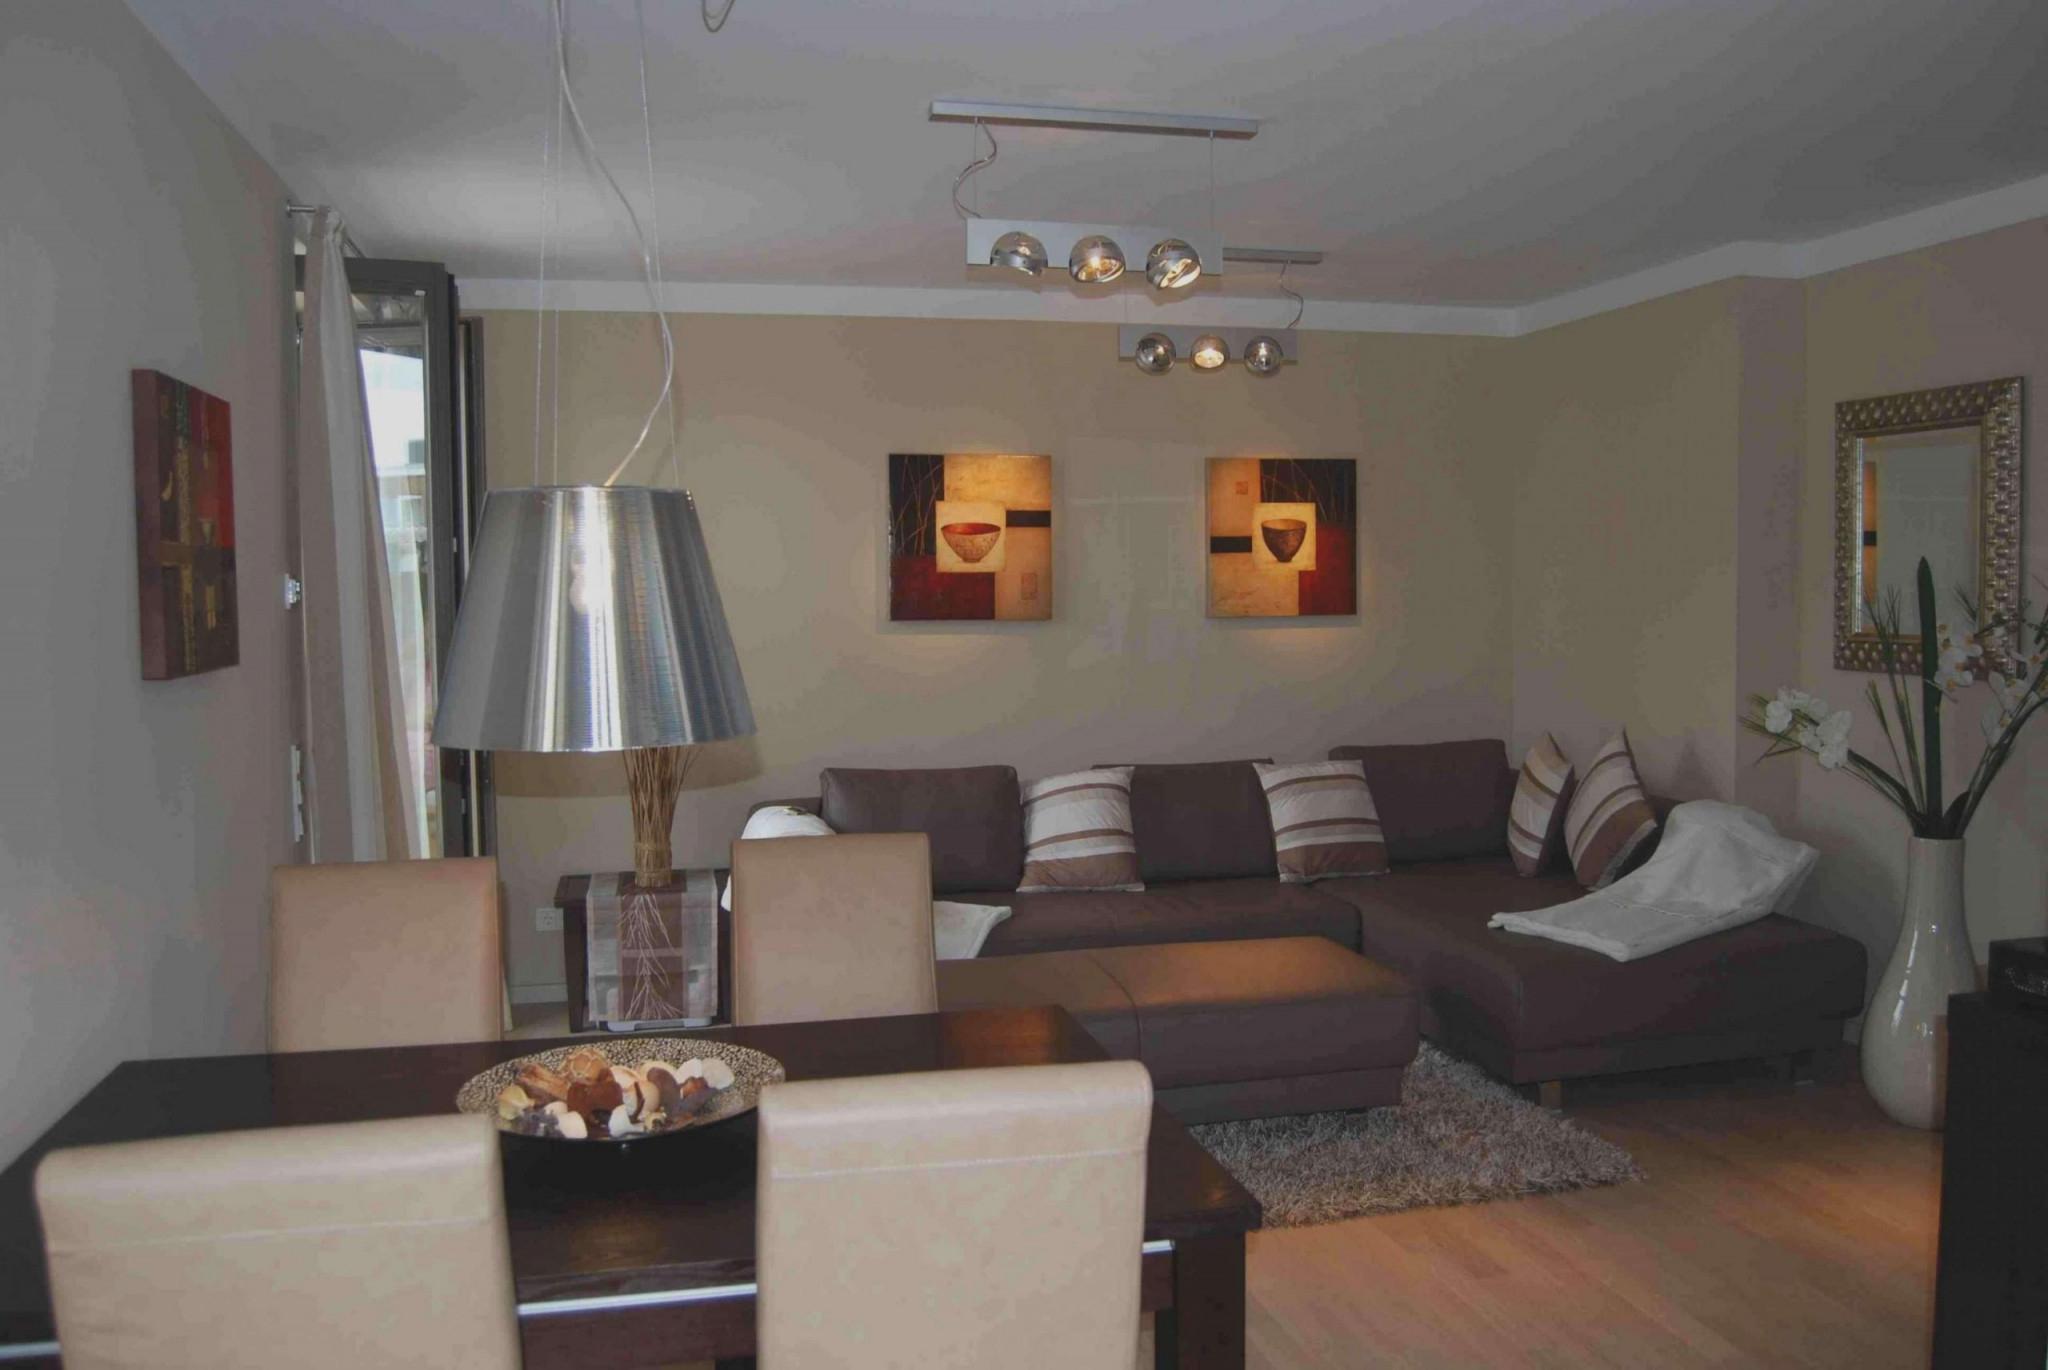 30 Luxus Kleines Wohnzimmer Mit Essbereich Einrichten von Wohnzimmer Einrichten Klein Photo